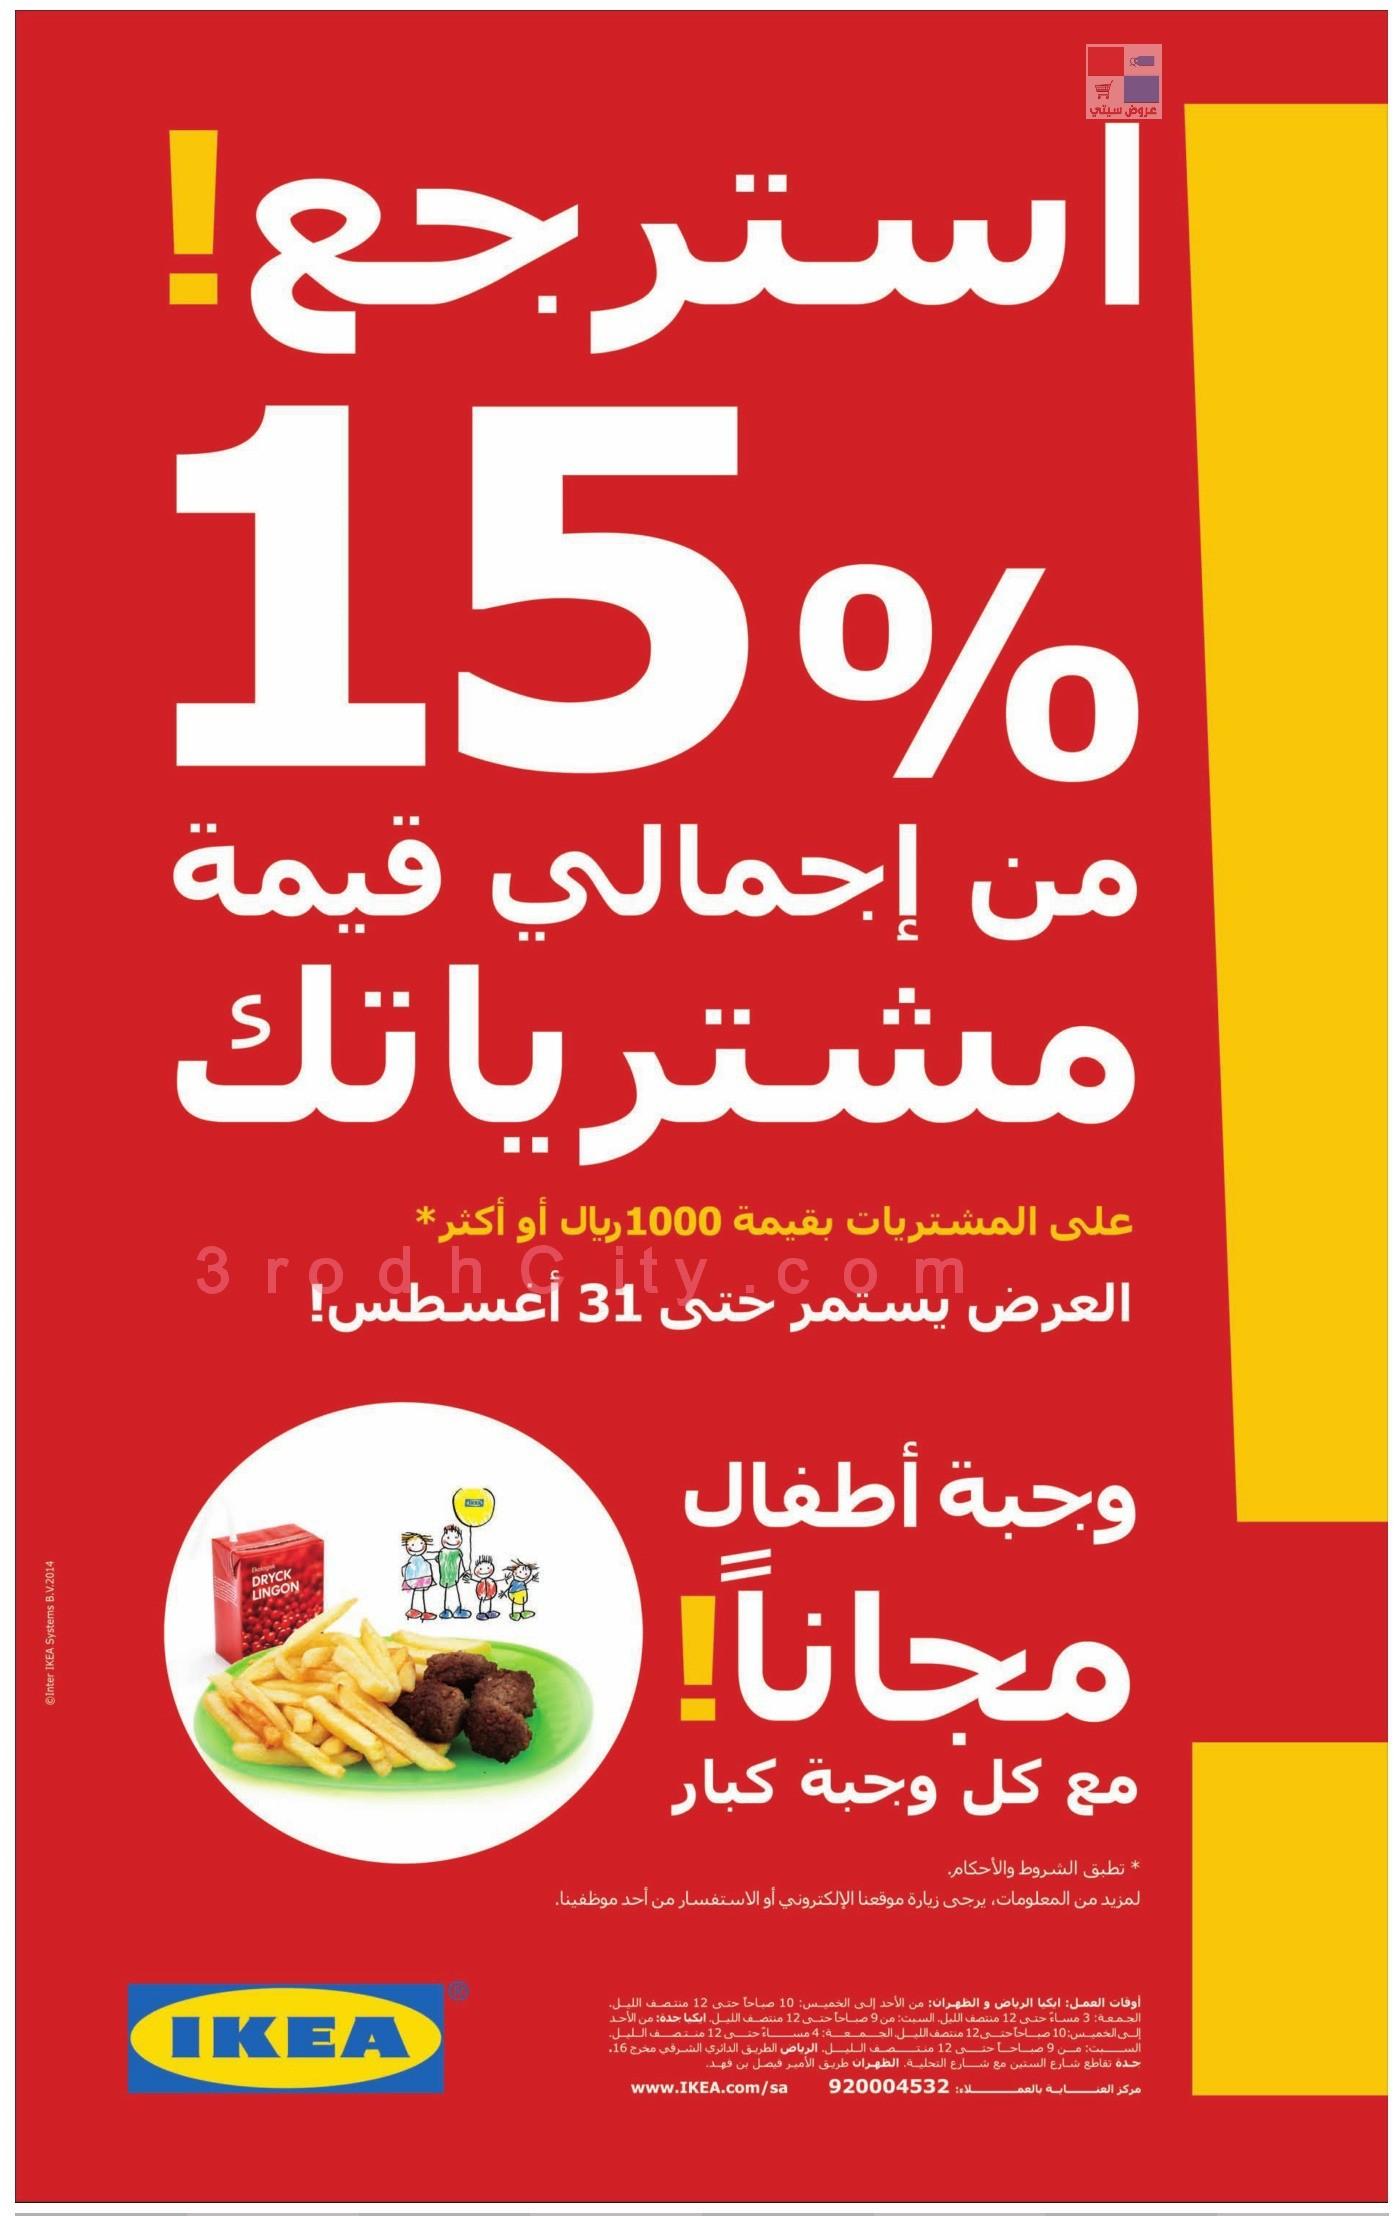 عروض ايكيا السعودية استرجع ١٥٪ من اجمالي قيمة مشترياتك الى نهاية اغسطس ٢٠١٤ MOJ0Tq.jpg